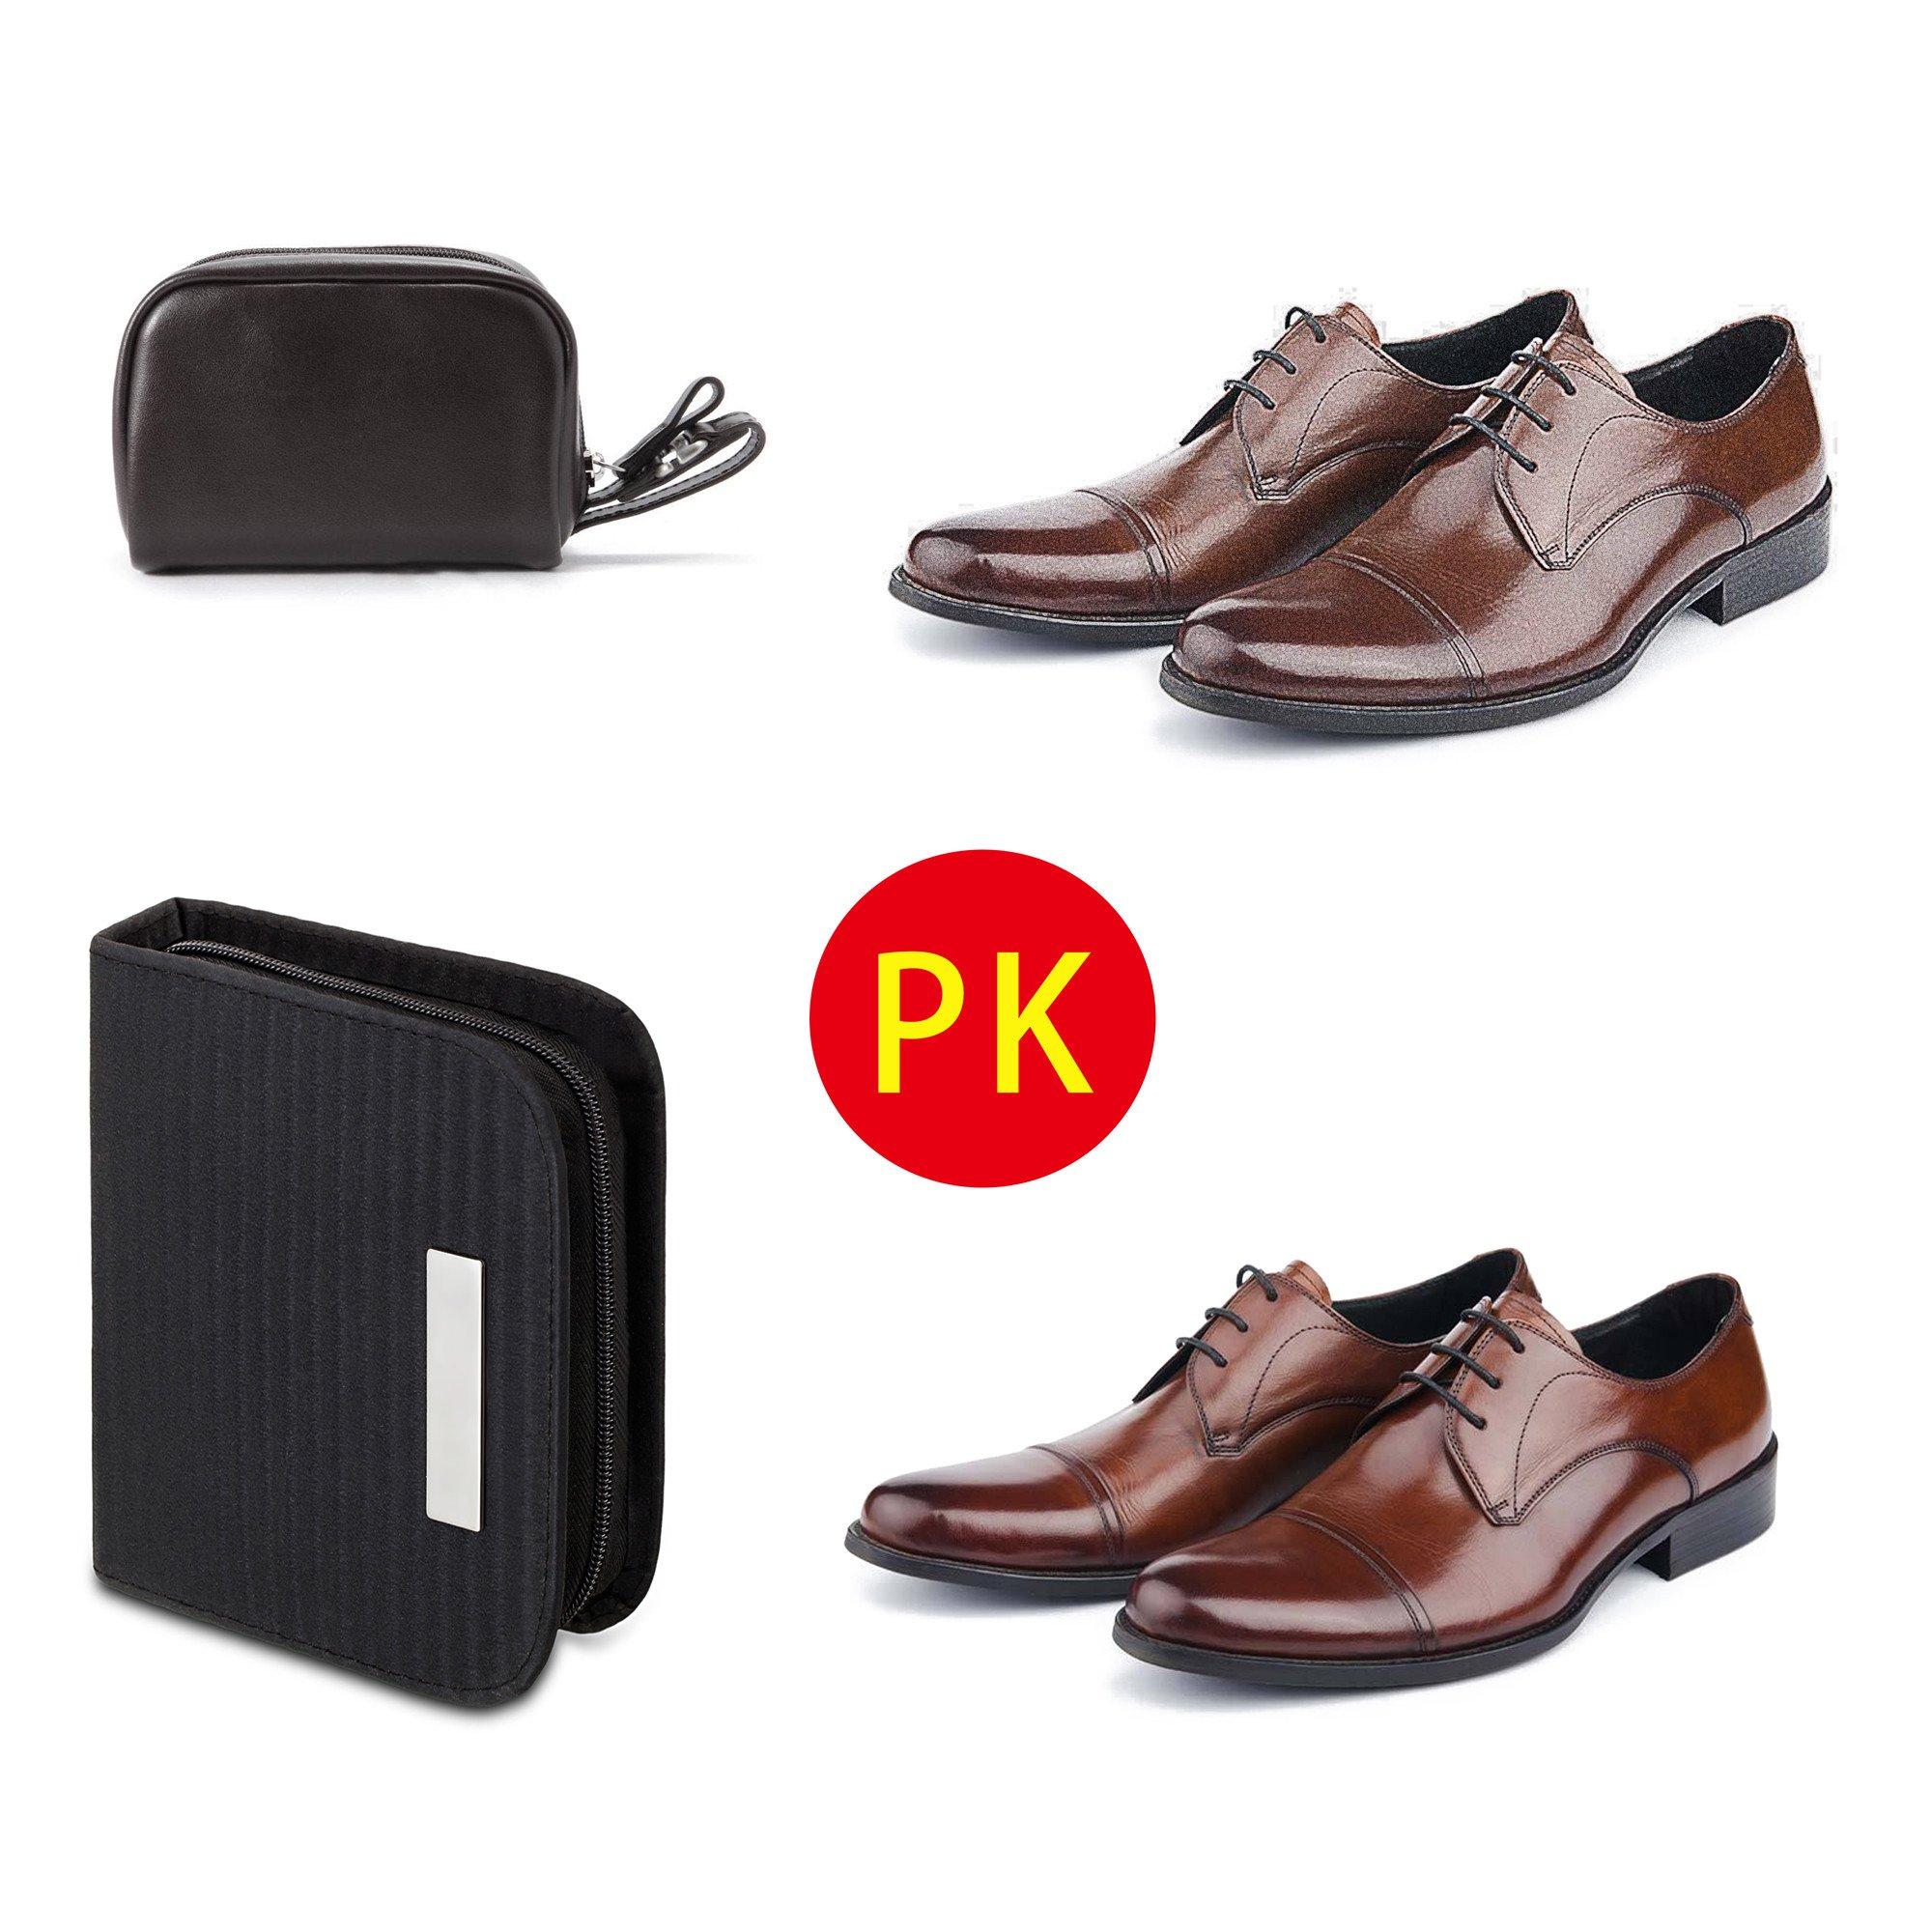 chuanyuekeji Shoe Shine Kit & Shoe Care Valet with PU Leather Sleek Elegant Case, 7-Piece Travel Shoe Shine Brush kit (Black) by chuanyuekeji (Image #7)